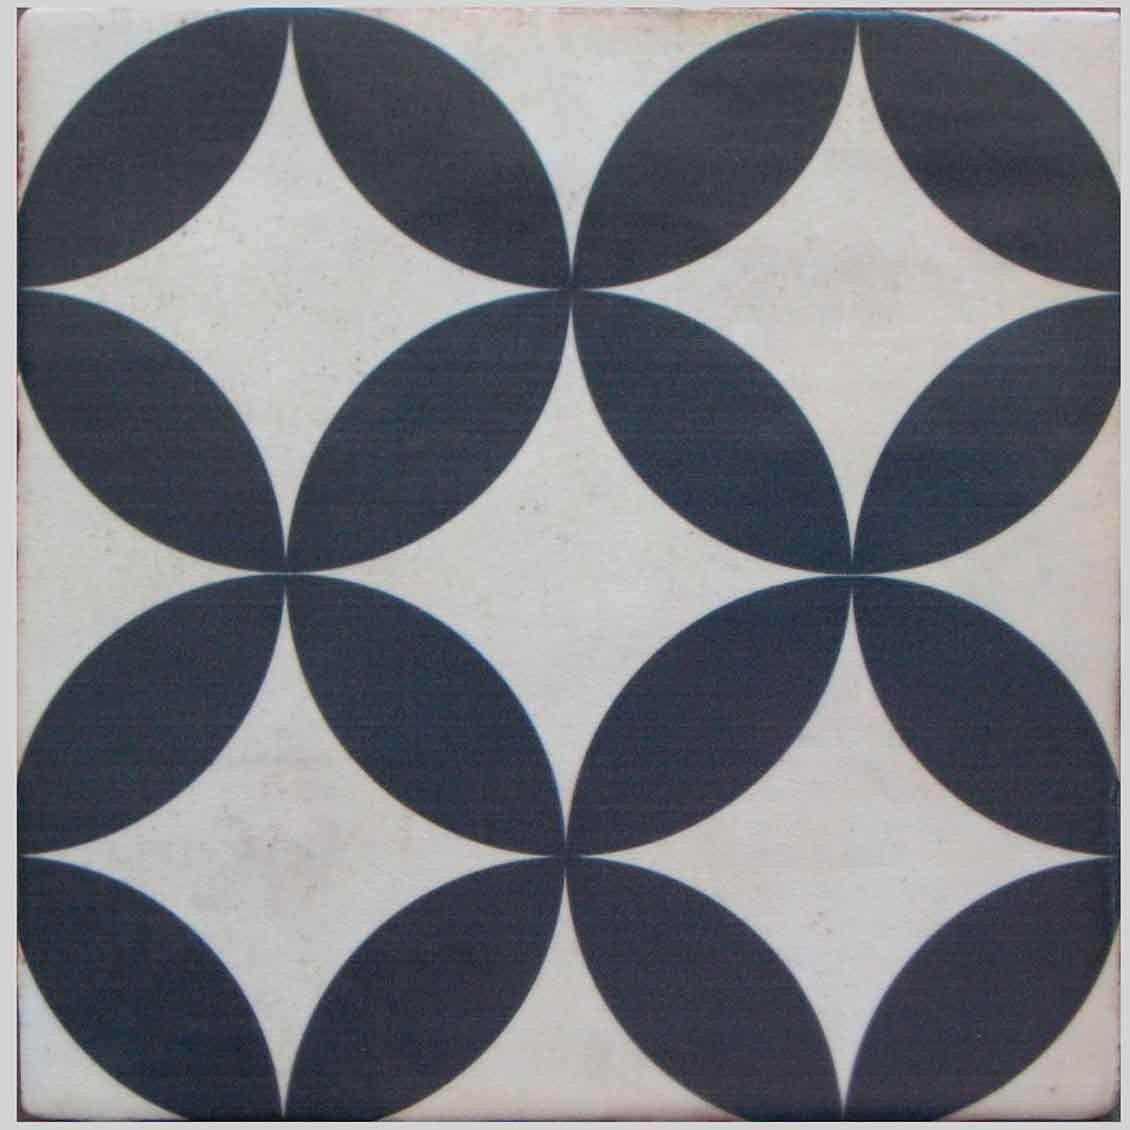 Carrelage Imitation Carreau Ciment Sol Et Mur 20 X 20 Cm